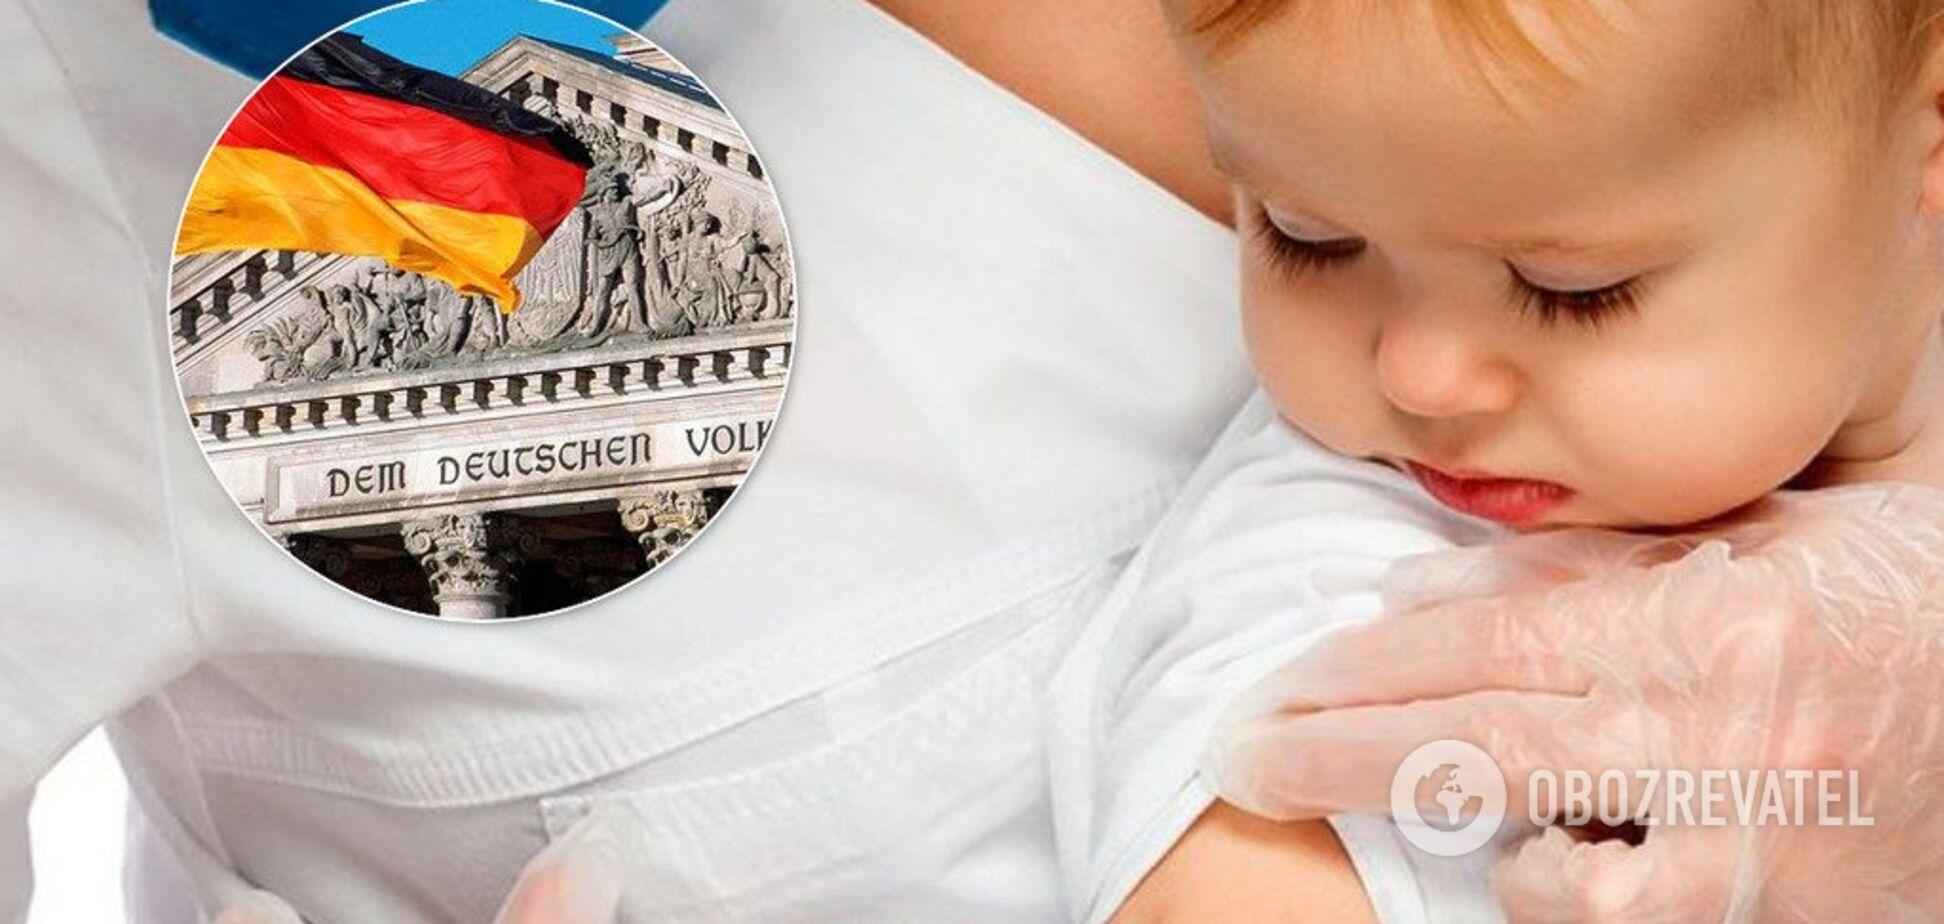 Коли або плати: Німеччина ухвалила закон про обов'язкові щеплення від кору